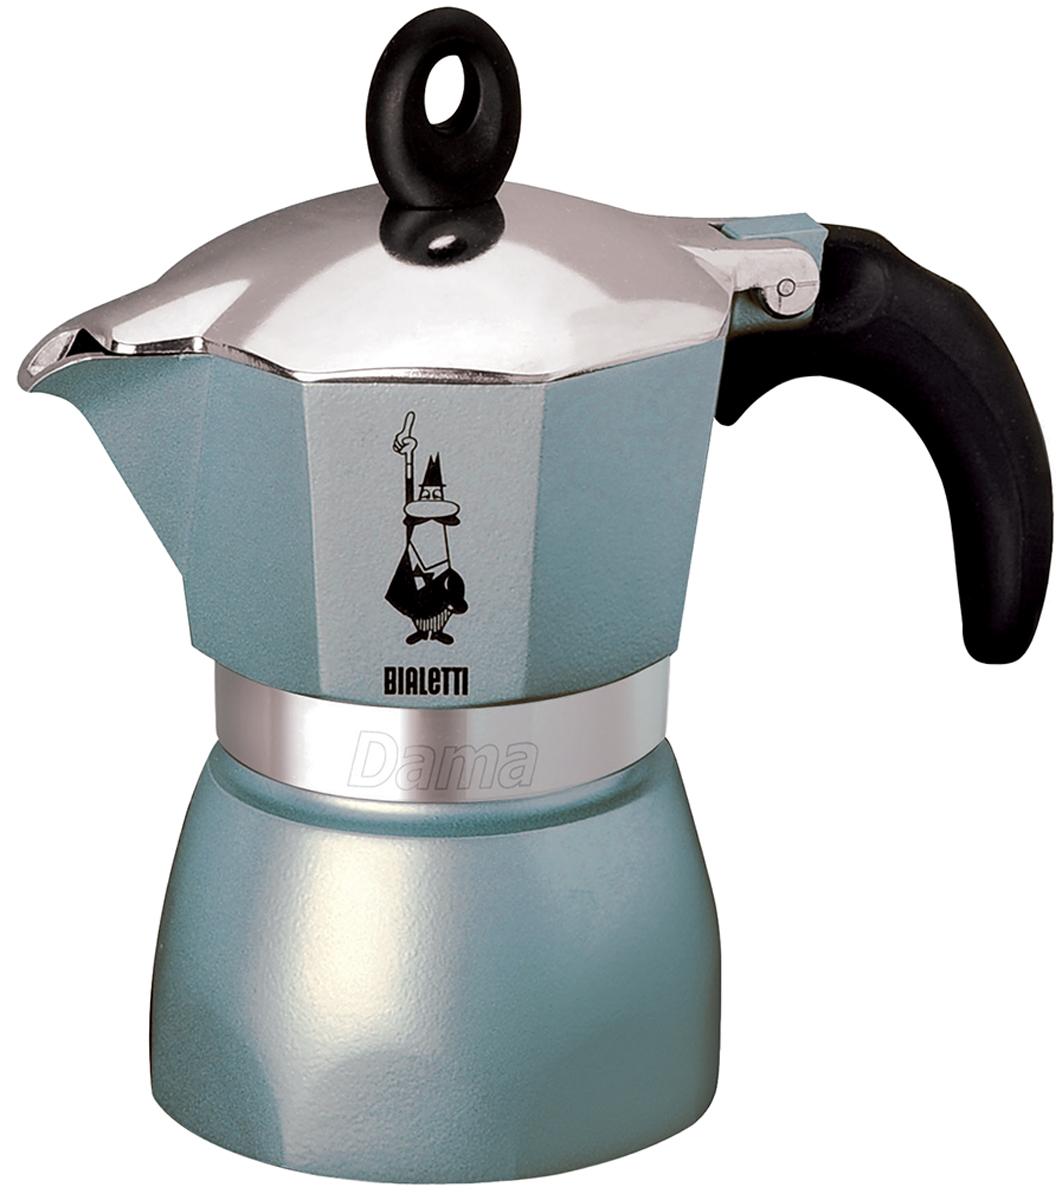 Кофеварка гейзерная Bialetti Dama Glamour, цвет: голубой, 3 порции4302Гейзерная кофеварка Bialetti Dama Glamour с современным ярким дизайном создана для тех, кто любит творческие кофе-брейки с интригующим и манящим ароматом. Изделие выполнено из алюминия, снабжено удобной ненагревающейся ручкой с прорезиненным покрытием. В гейзерной кофеварке кофе готовится за счет давления пара. Изделие имеет две емкости: верхнюю - для готового кофе, и нижнюю - для воды. На нижнюю емкость установлен фильтр в форме воронки. При нагревании часть воды в нижней емкости превращается в пар. Со временем его давление растет, и постепенно пар начинает выдавливать кипящую воду вверх. Вода проталкивается через молотый кофе, и полученный напиток выплескивается в верхнюю емкость. Когда вся жидкость из нижней емкости переместится в верхнюю, кофе готов. По принципу действия кофеварка напоминает гейзер, от чего и получила свое название. Предназначена для приготовления кофе на электрических и газовых плитах, а также других нагревающих поверхностях,...